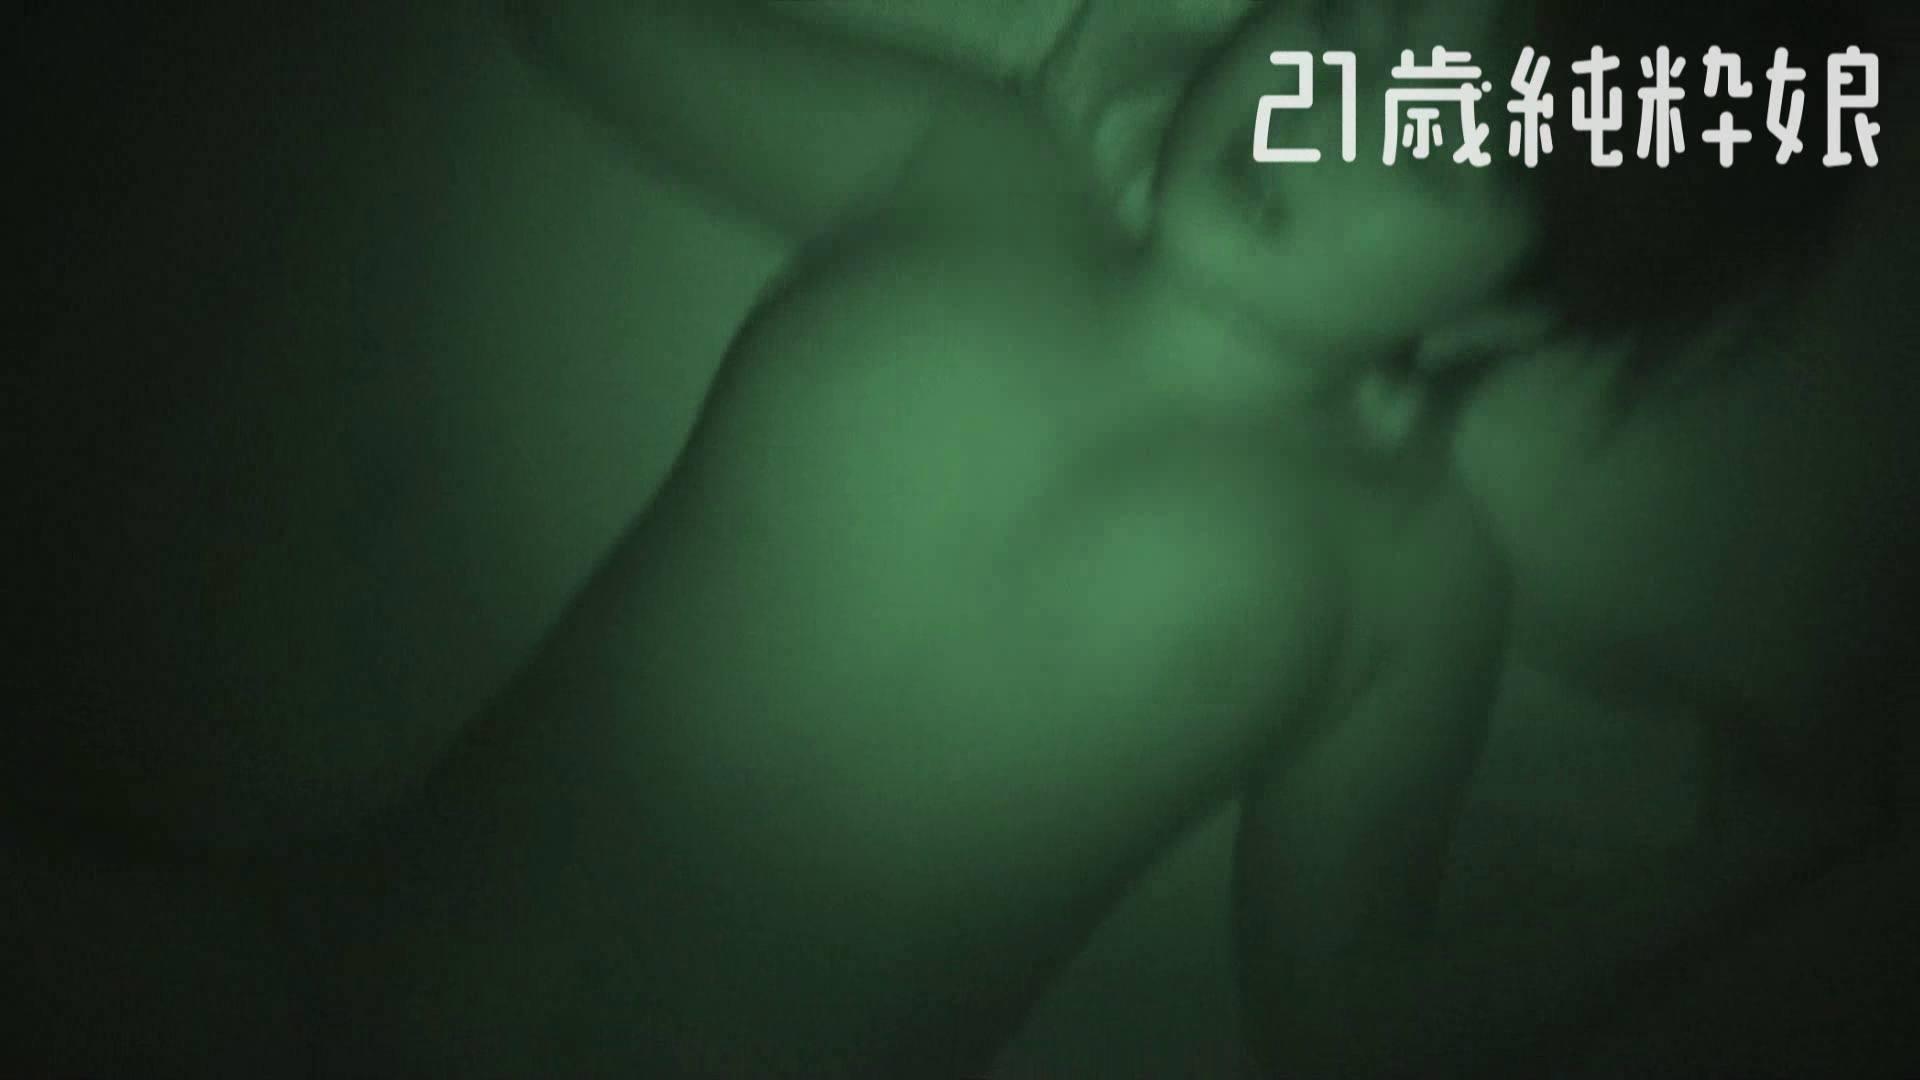 上京したばかりのGカップ21歳純粋嬢を都合の良い女にしてみた3 一般投稿 | オナニー特集  54画像 44